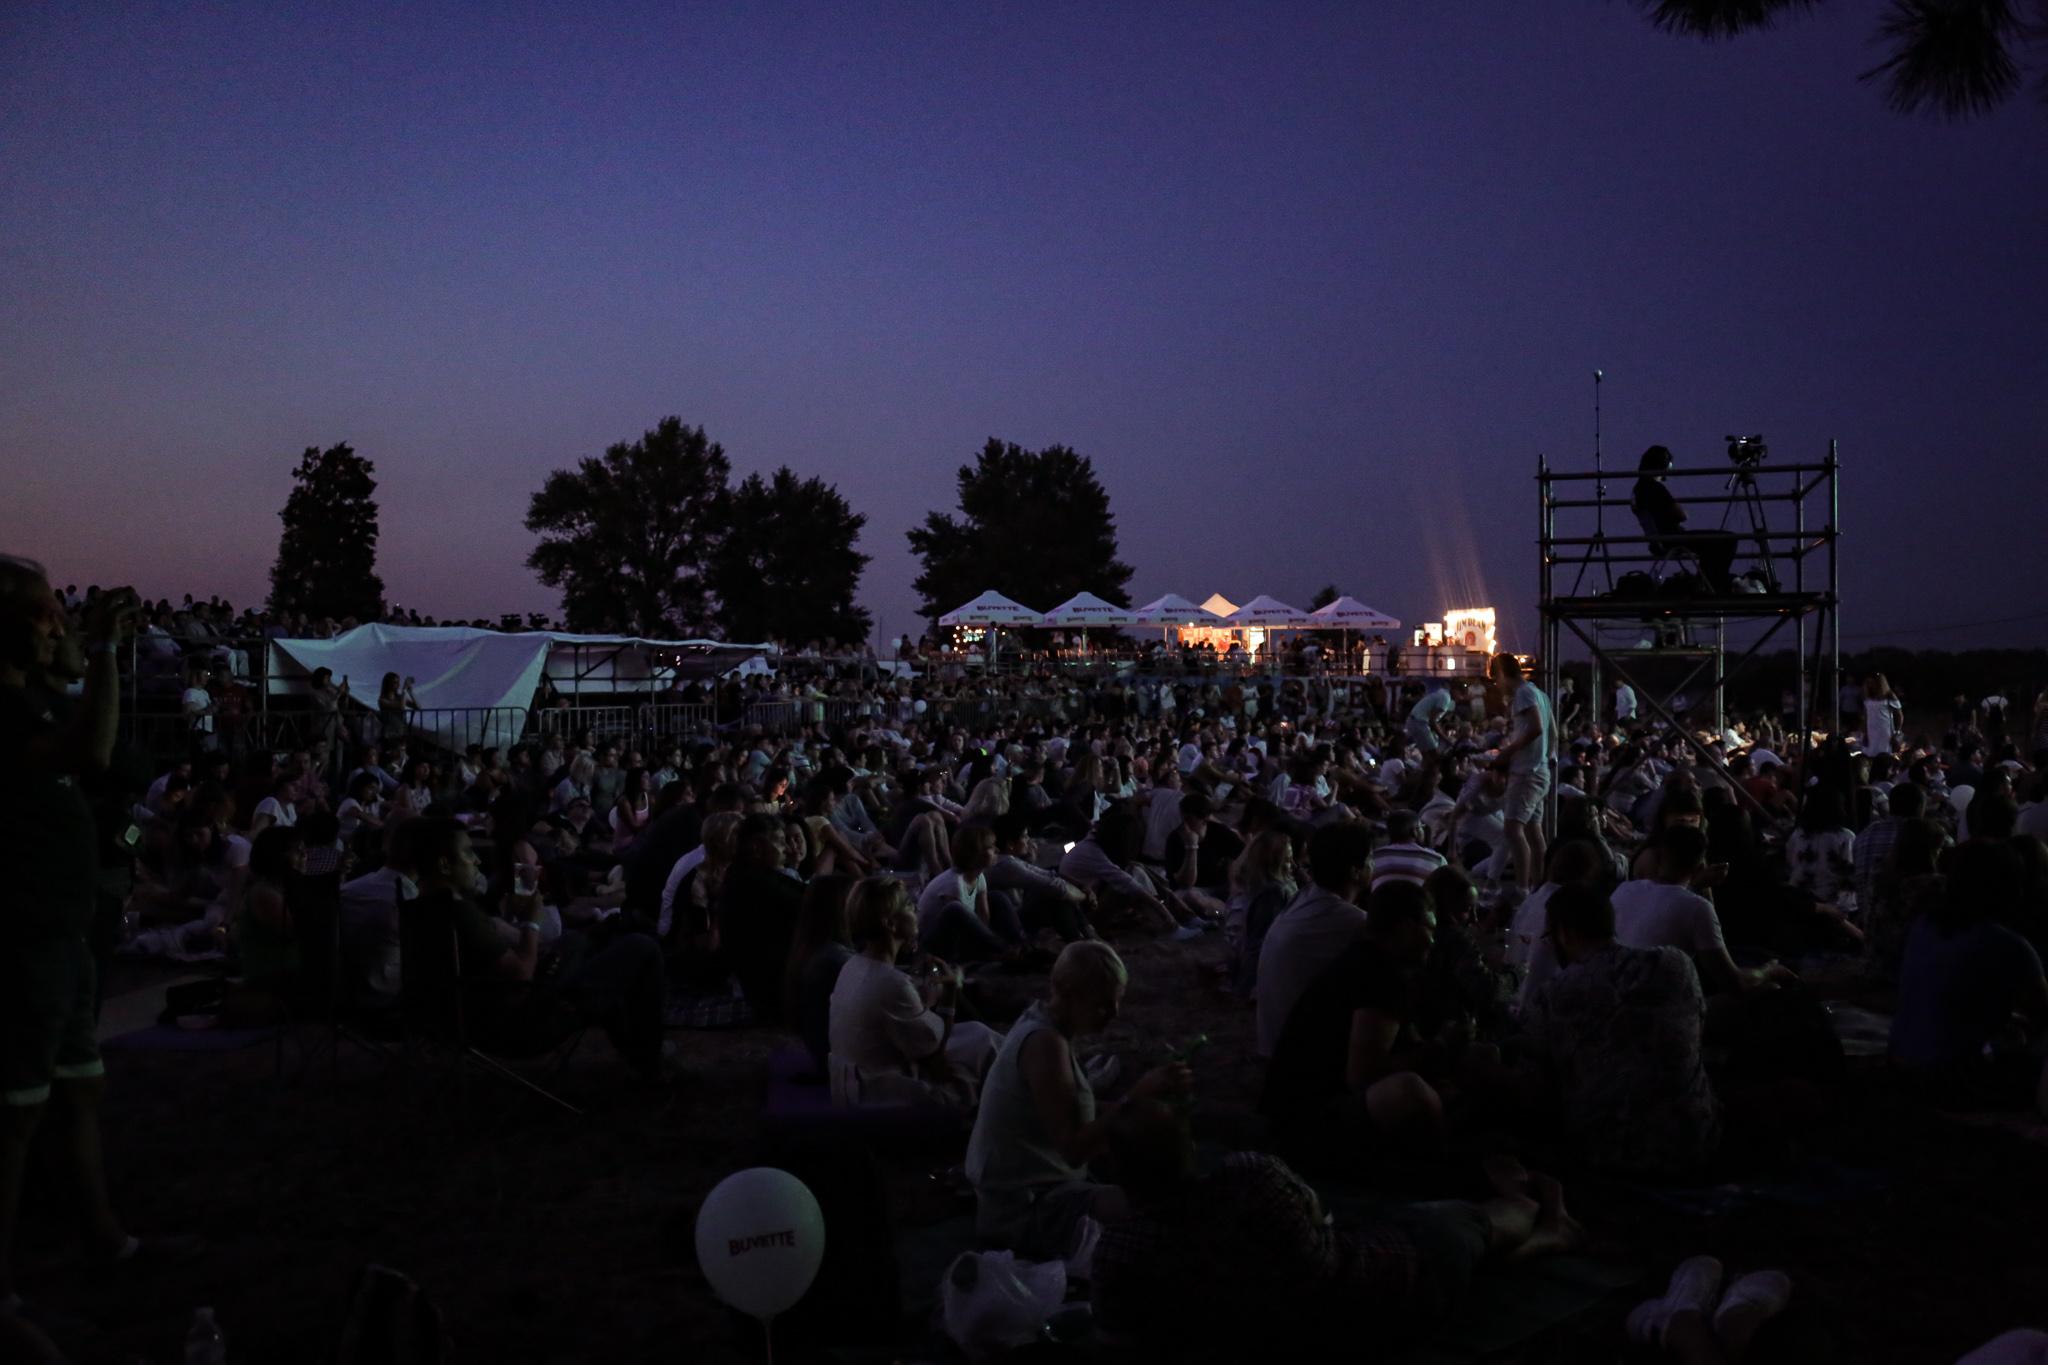 На фестивалі BezVIZ перекупники незаконно продають квитки